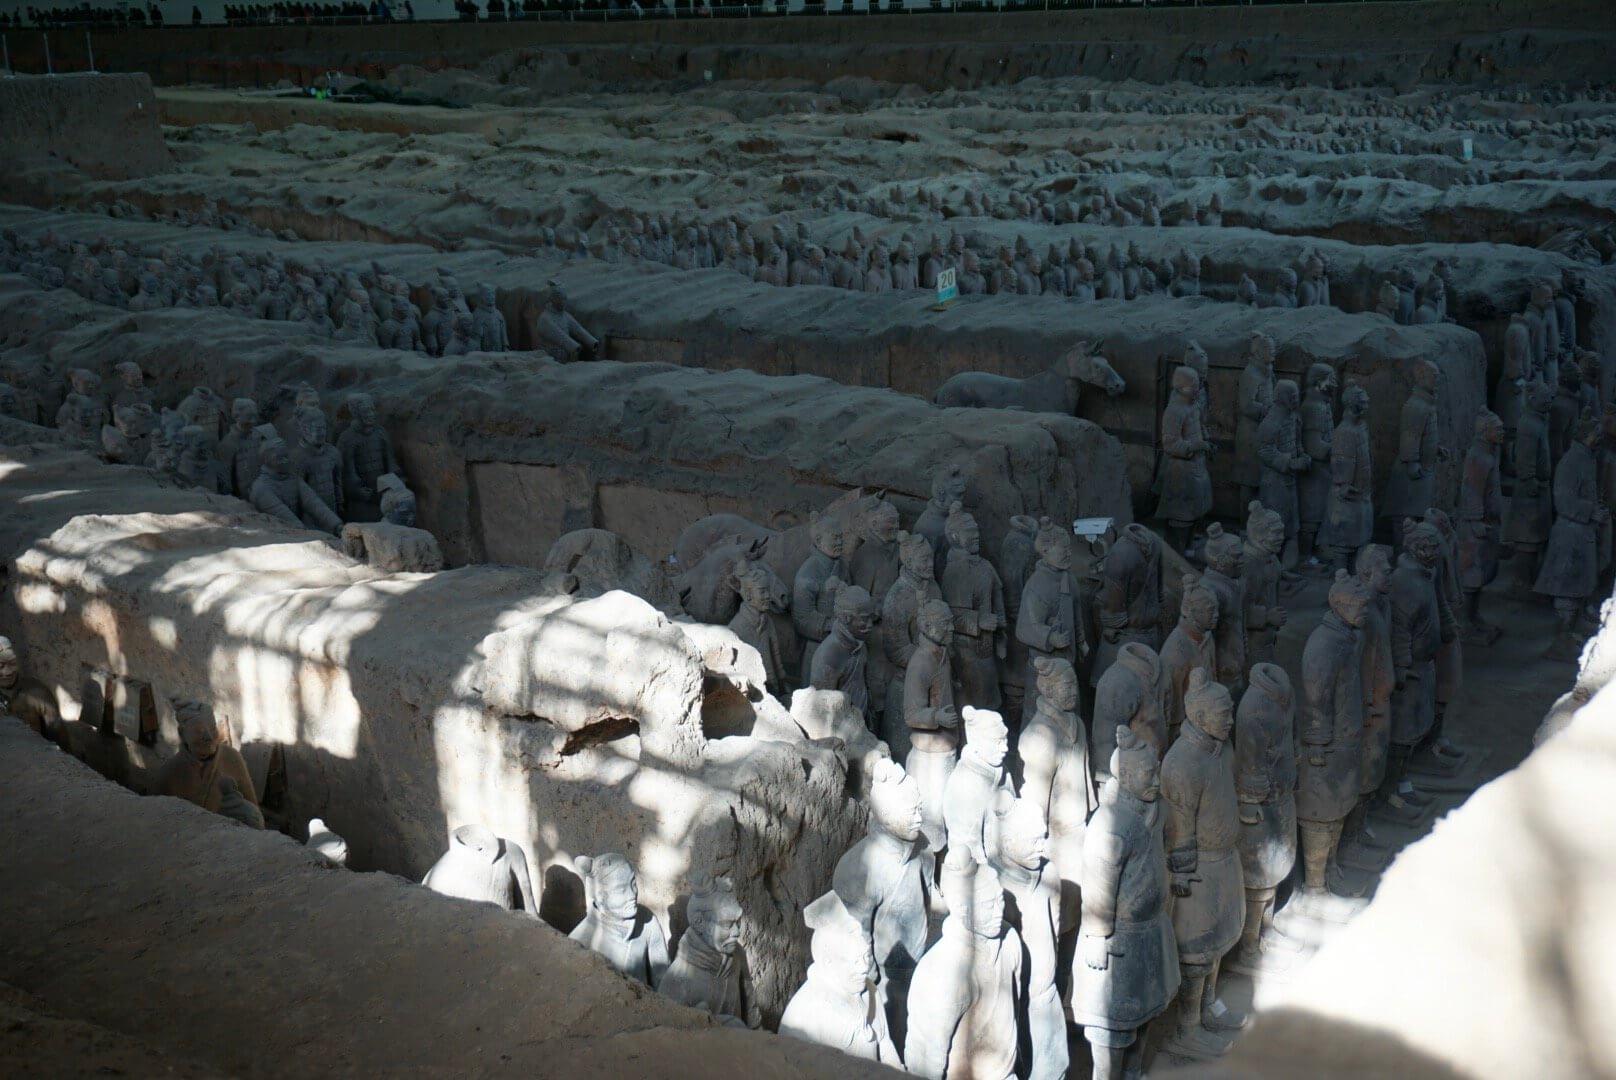 Soldats en terre cuite armée de Qin Xian chine